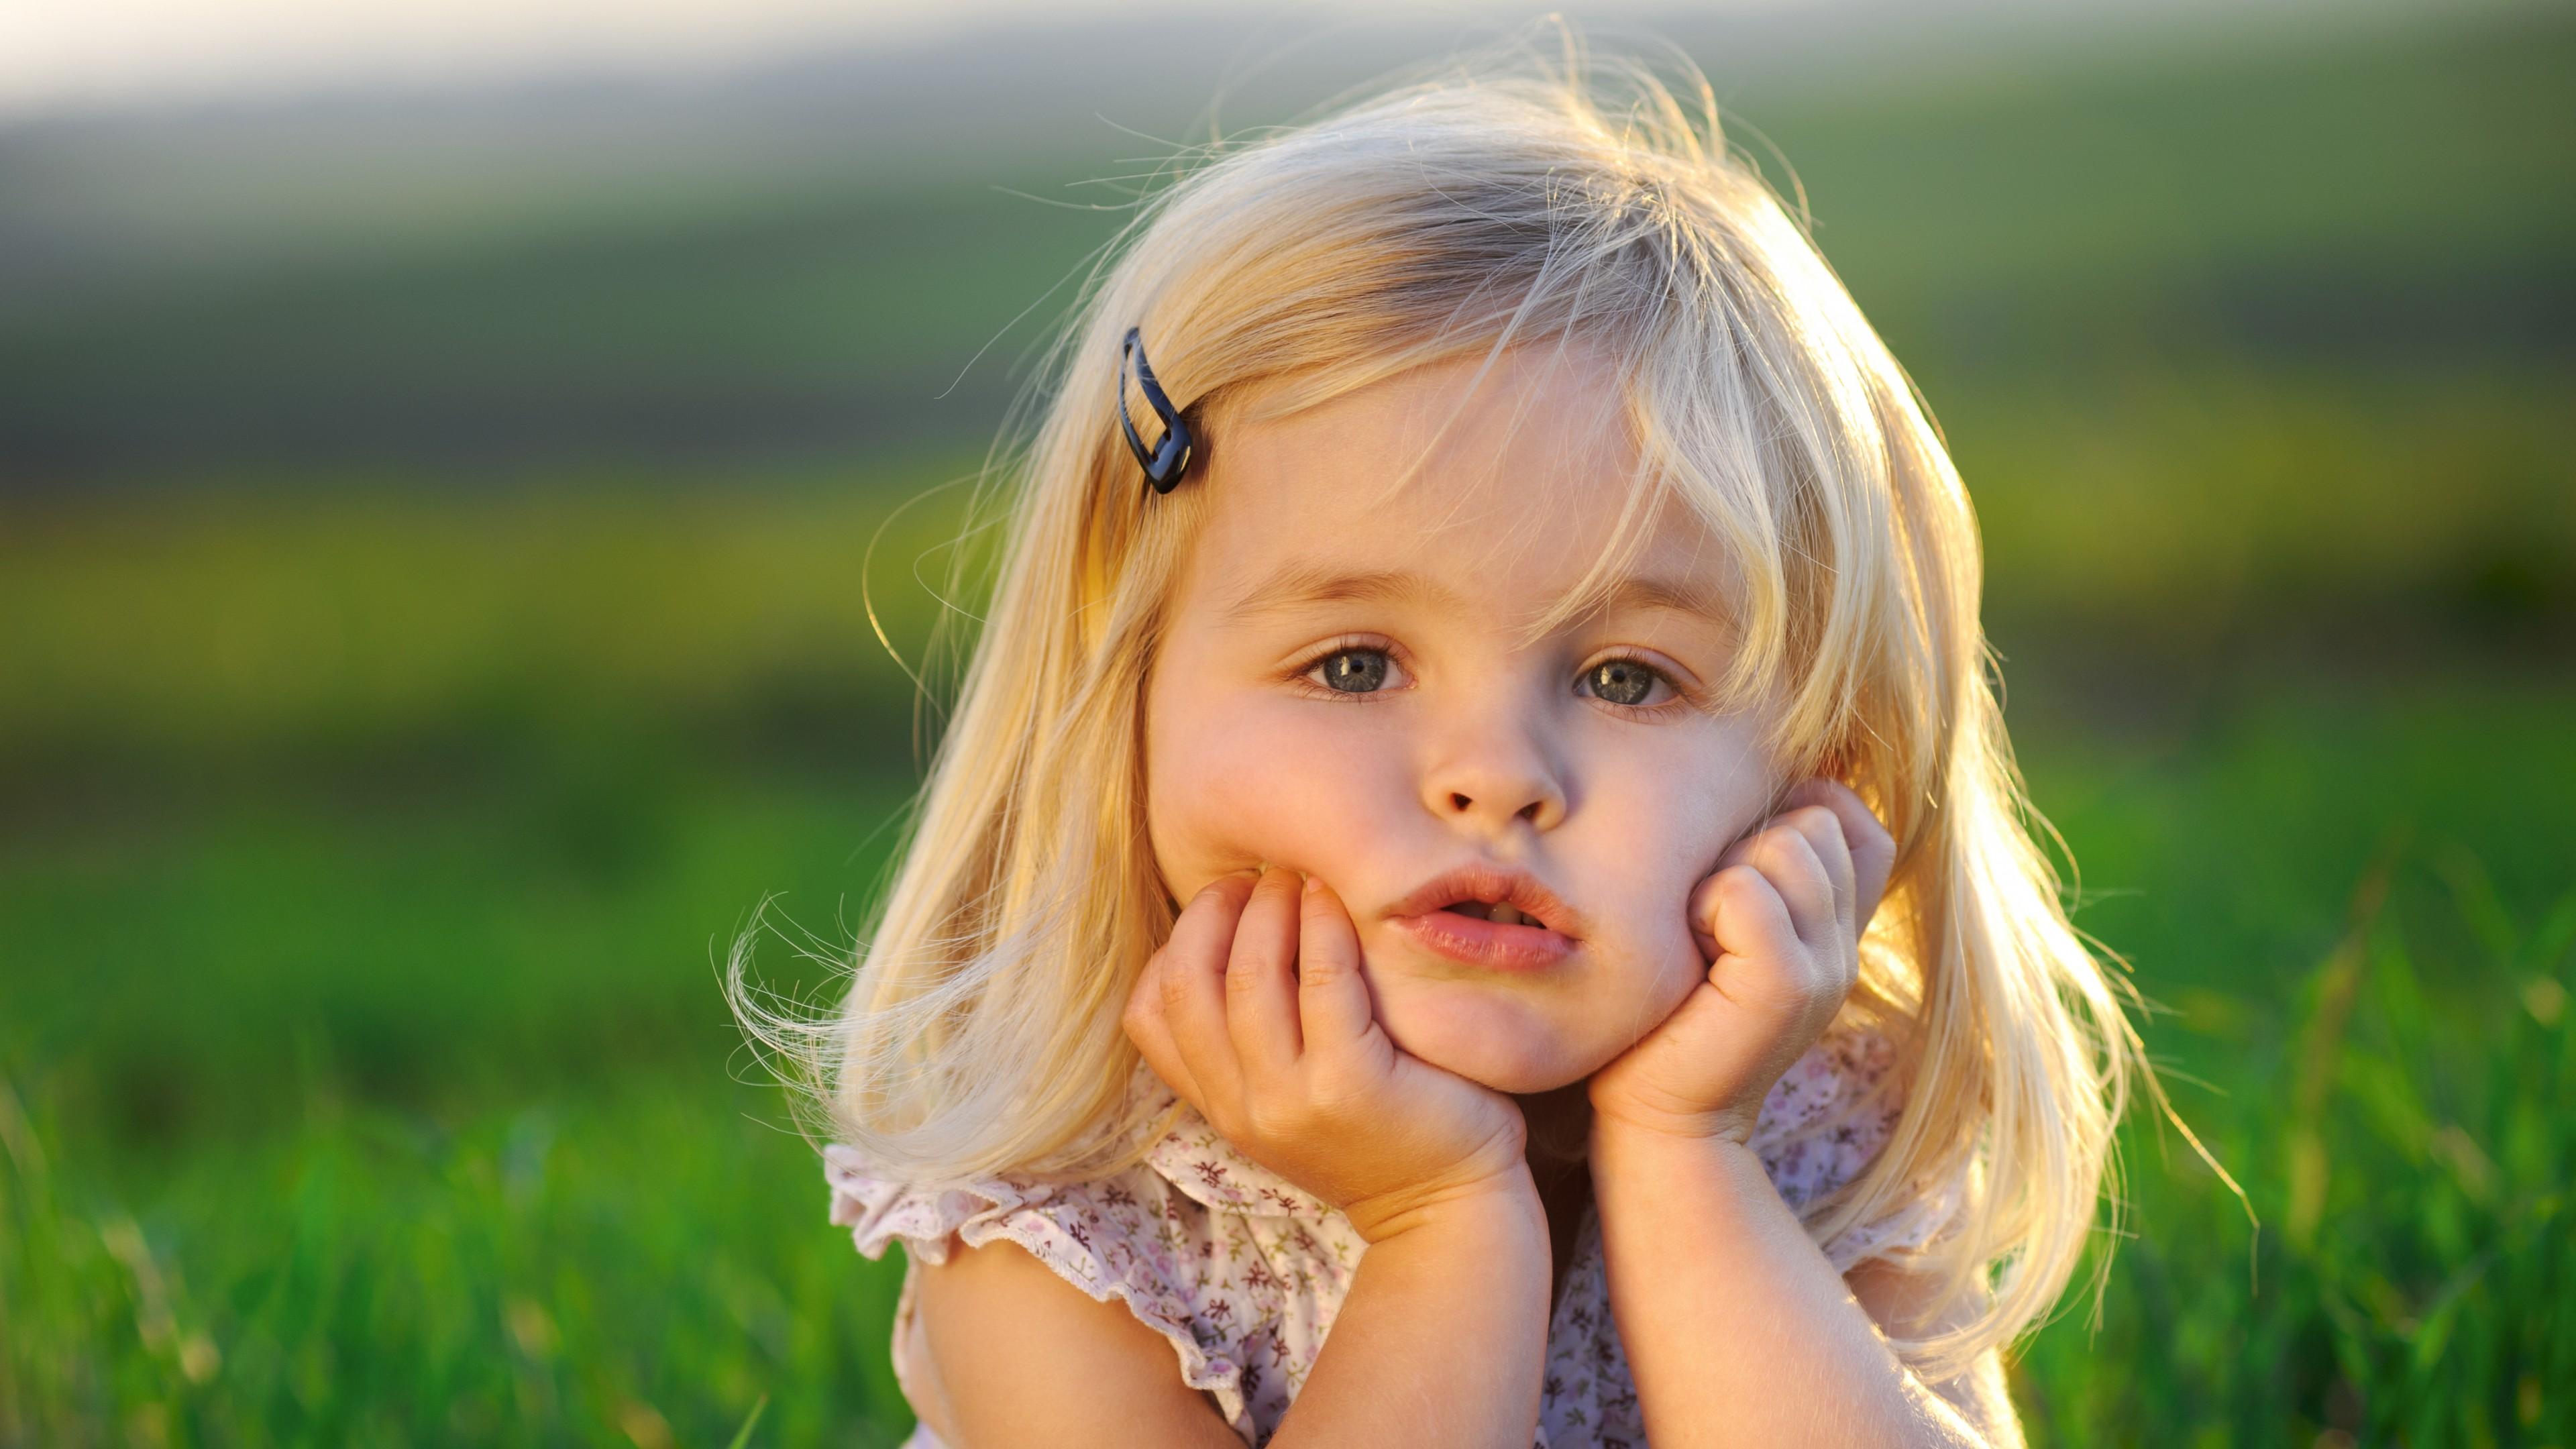 Задумчивая белокурая девочка на зеленой поляне в лучах солнца